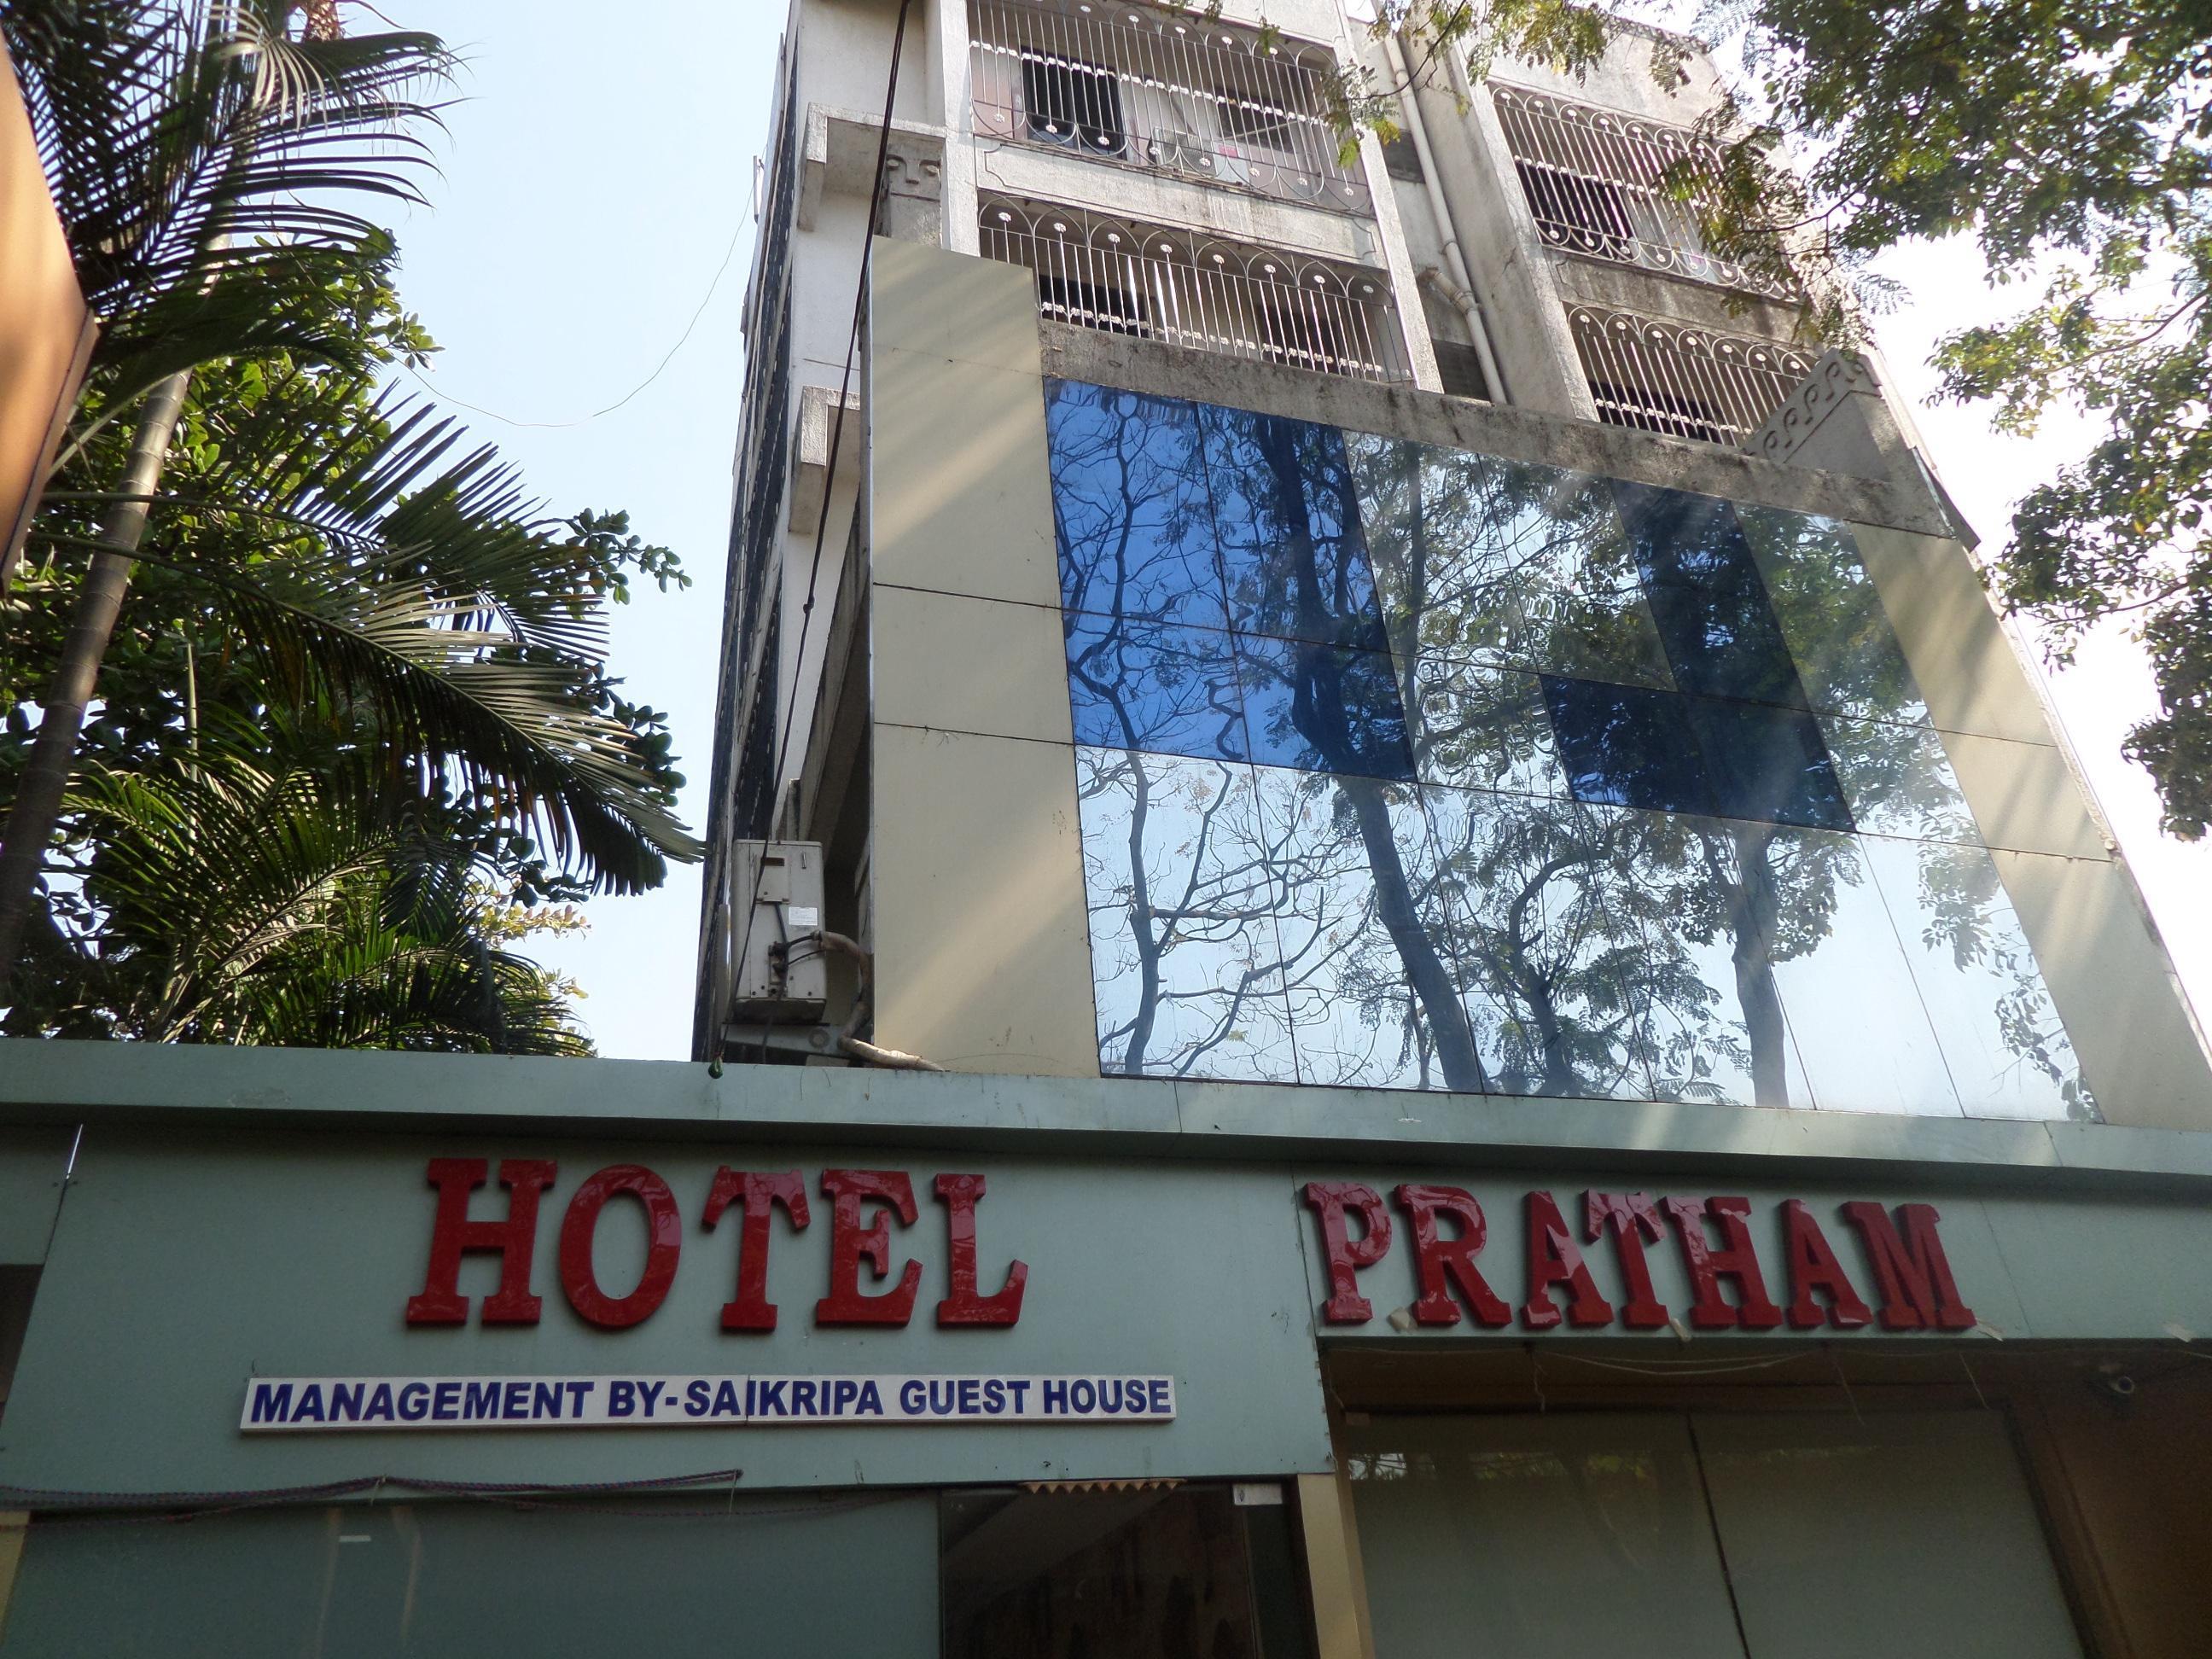 hotel pratham hotel pratham kopar khairane navi mumbai rh mouthshut com